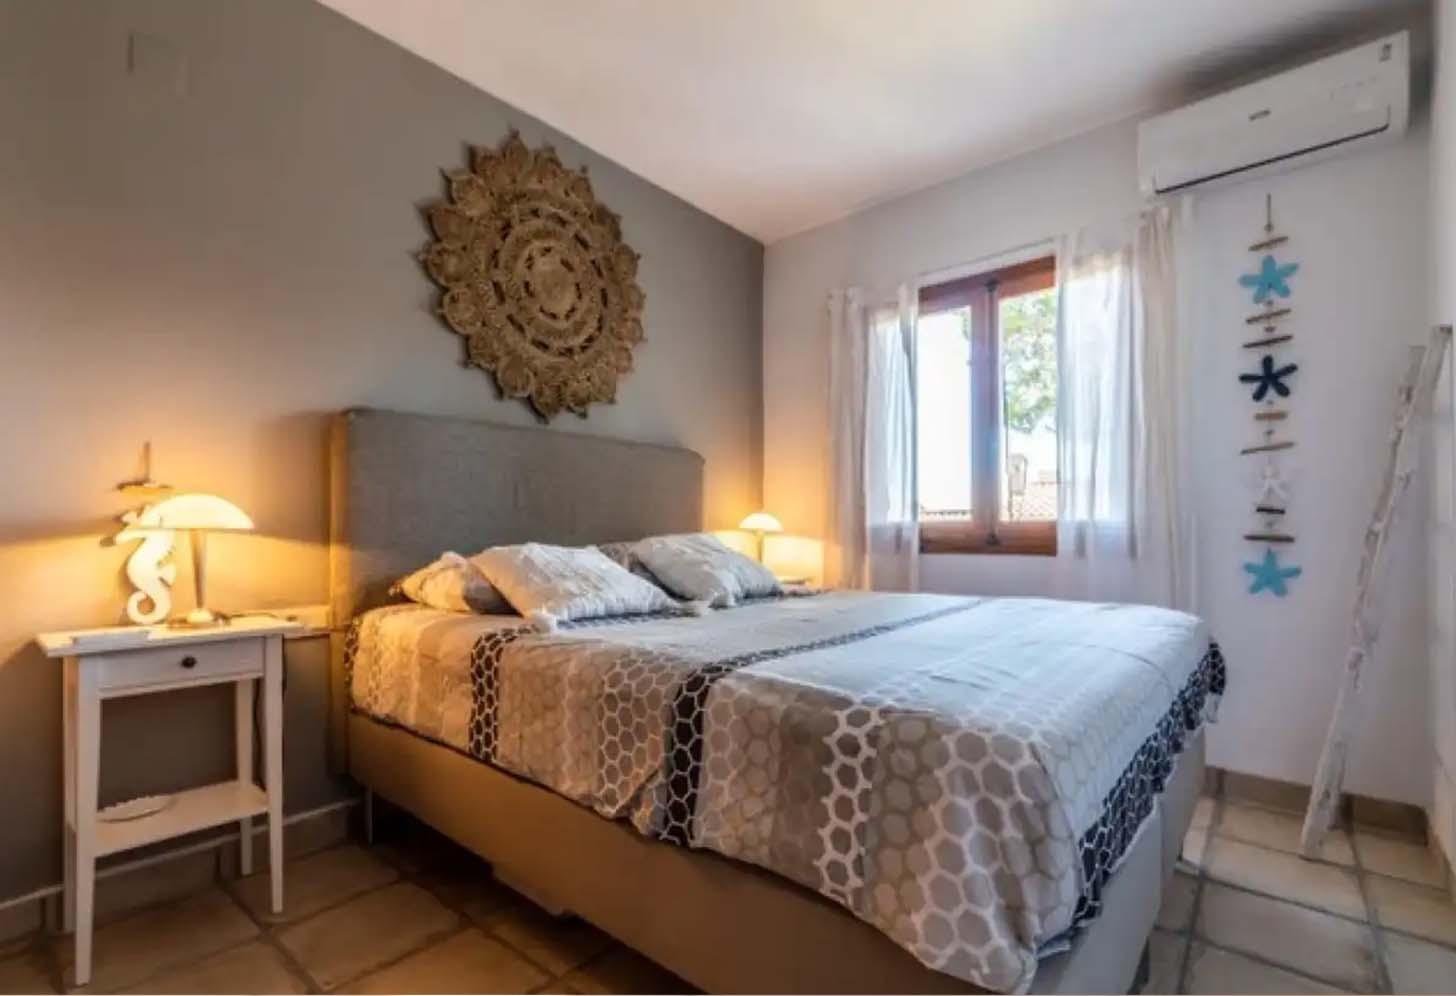 acheter une maison à lanucia 005 chambre